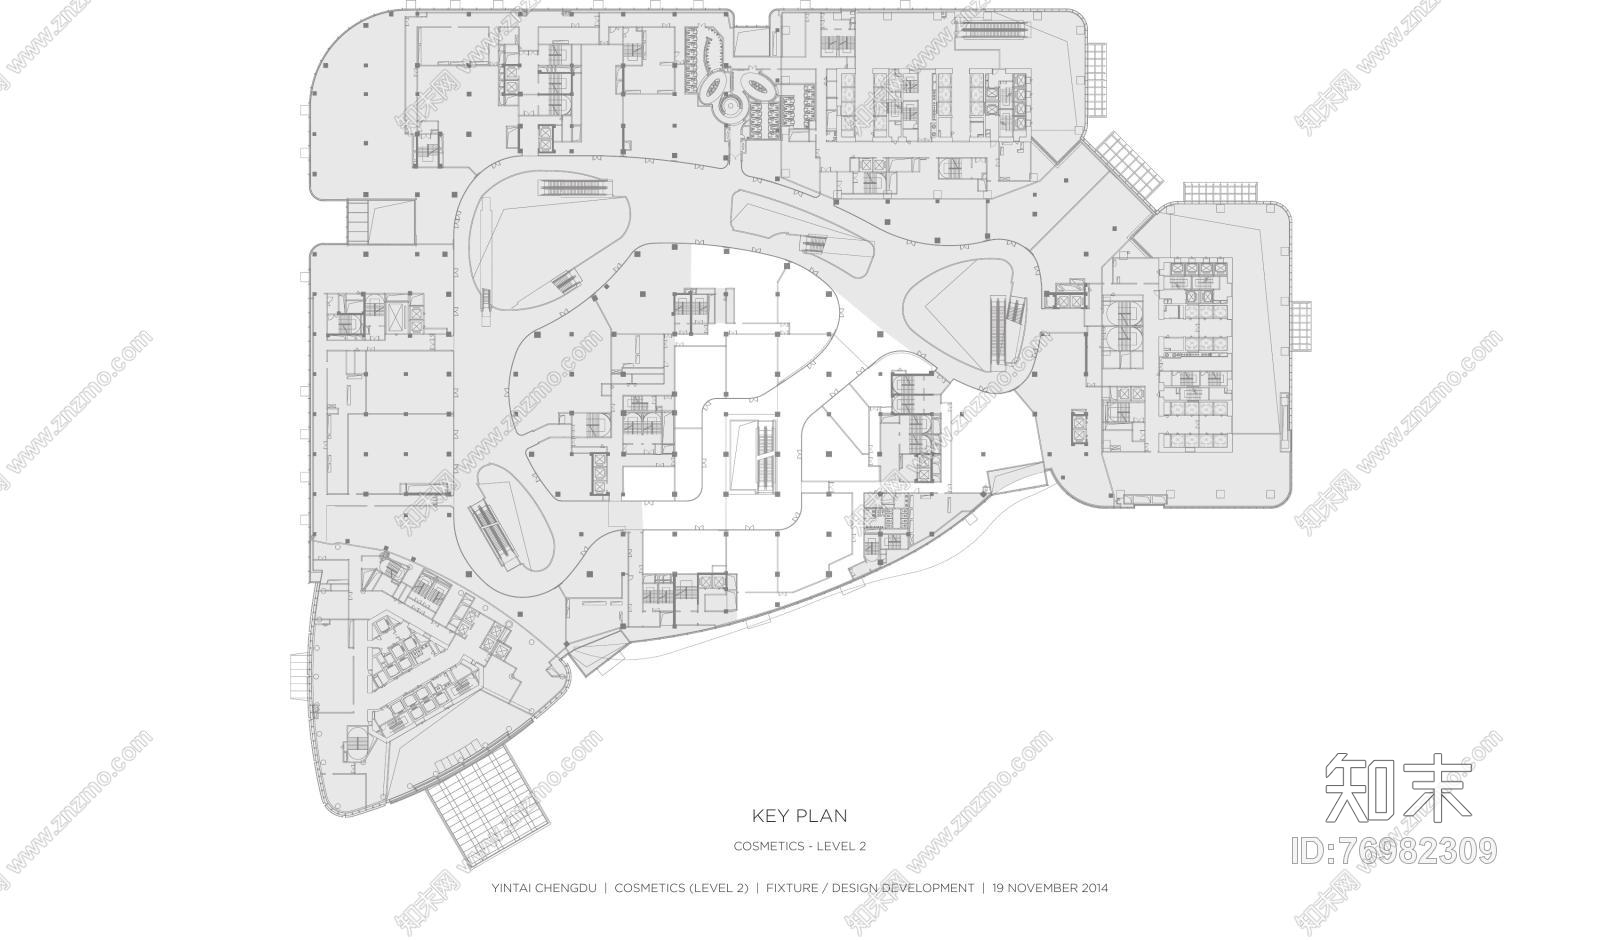 Yabu-成都银泰购物中心施工图下载【ID:76982309】